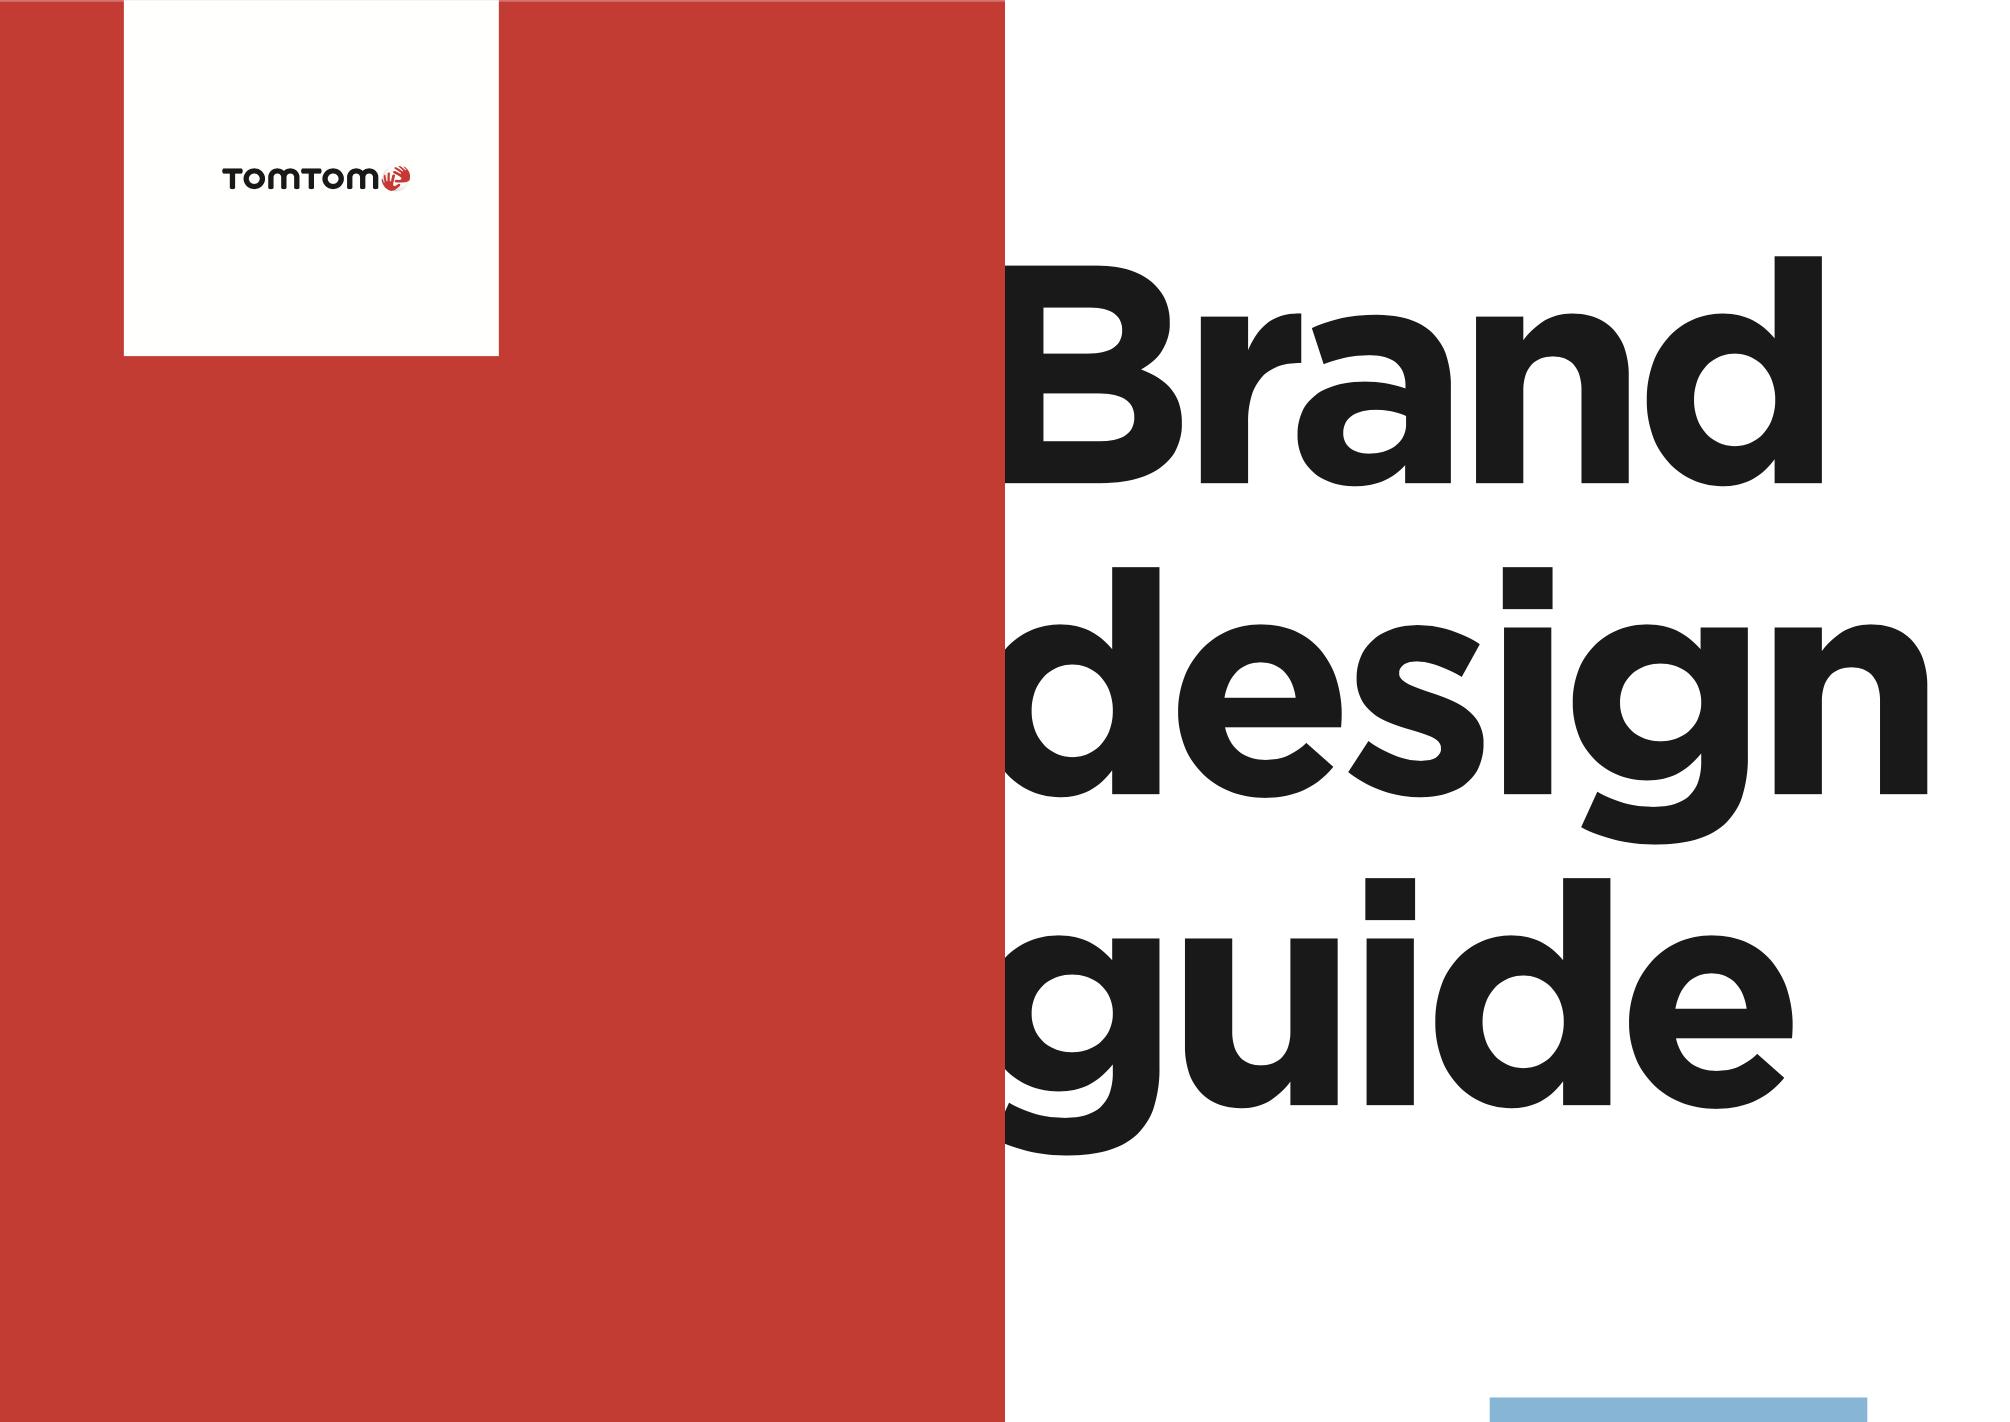 TomTom brand guidelines